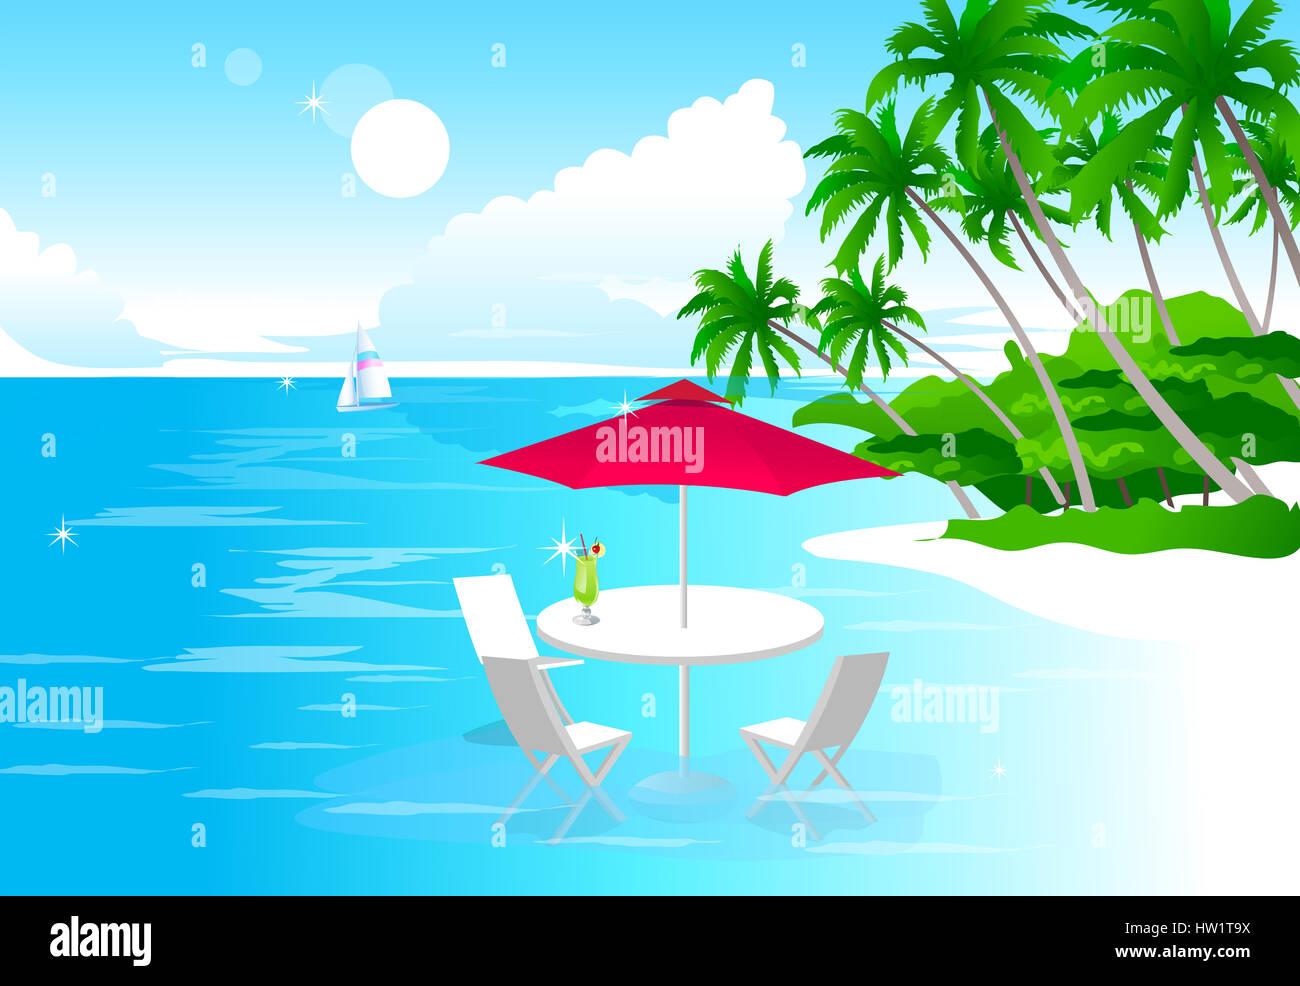 Liegestuhl mit sonnenschirm clipart  Abwesenheit, Strand, Liegestuhl, Sonnenschirm, Clipart, Cloud, Farbe ...